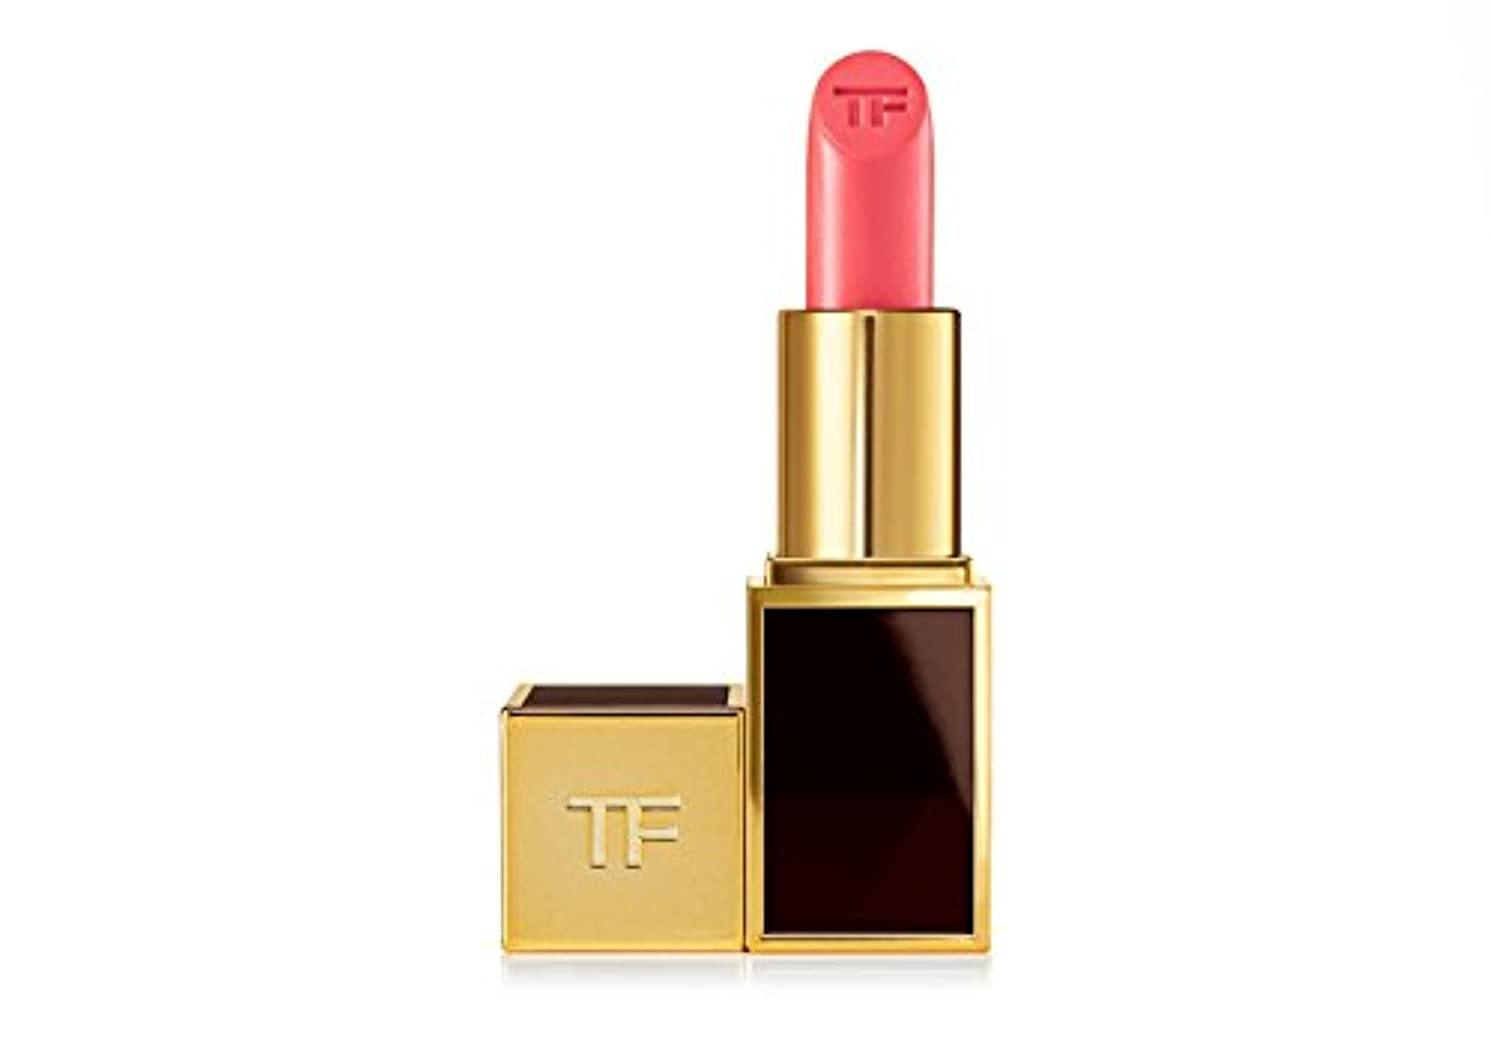 アラート微視的深遠トムフォード リップス アンド ボーイズ 7 コーラル リップカラー 口紅 Tom Ford Lipstick 7 CORALS Lip Color Lips and Boys (#22 Patrick パトリック) [...